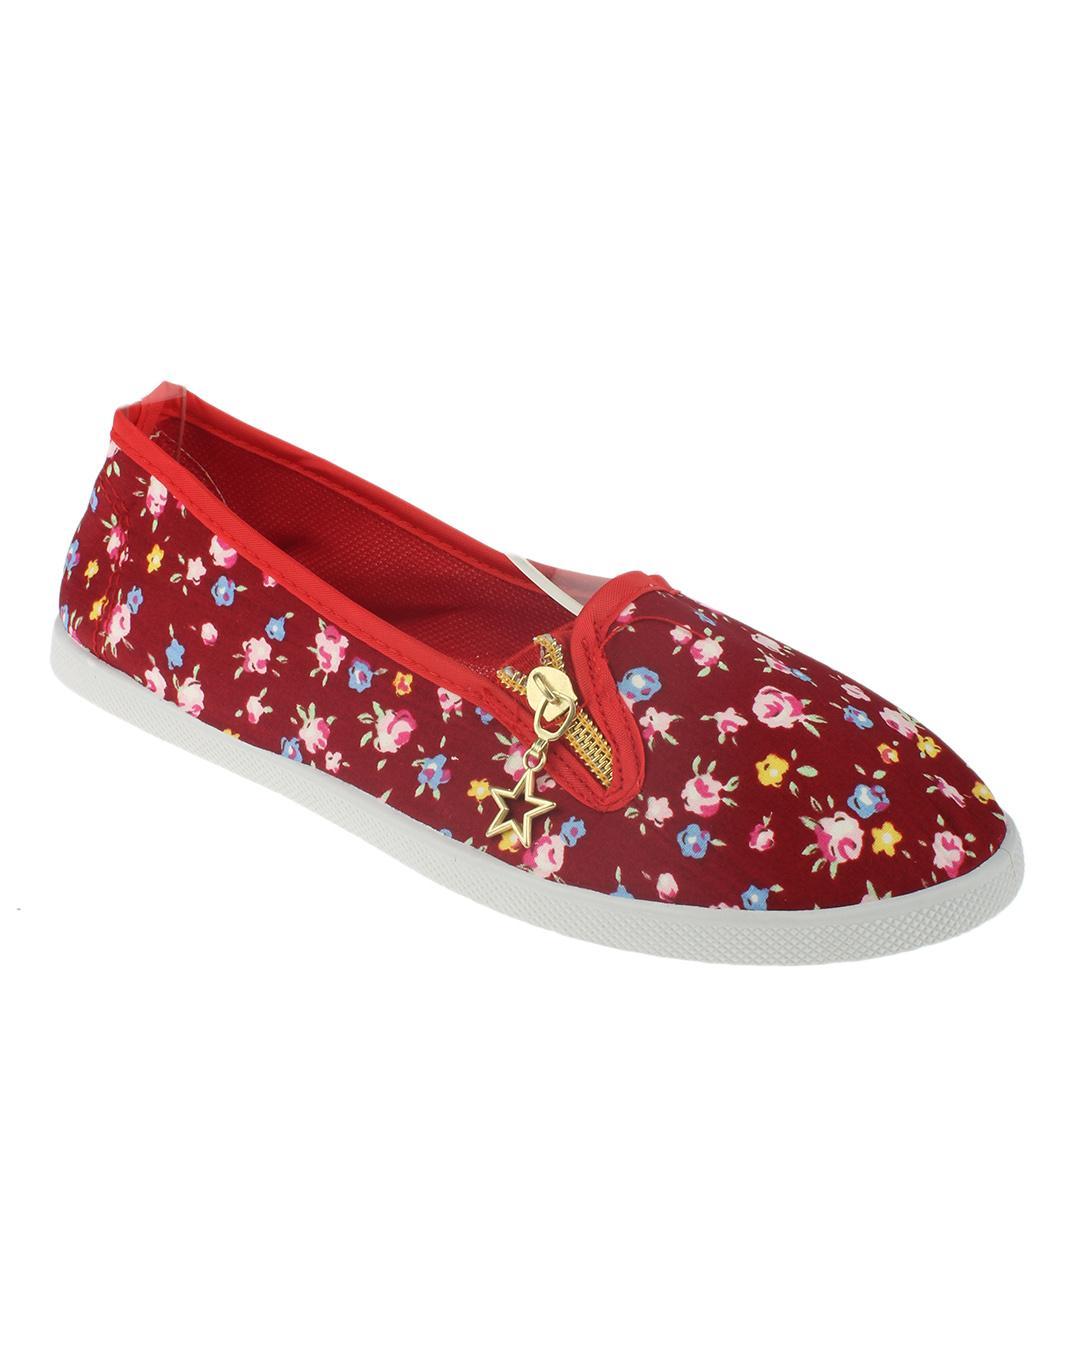 32b5f30e116cd Women s Shoes - Buy Ladies Footwear Online - Daraz Pakistan